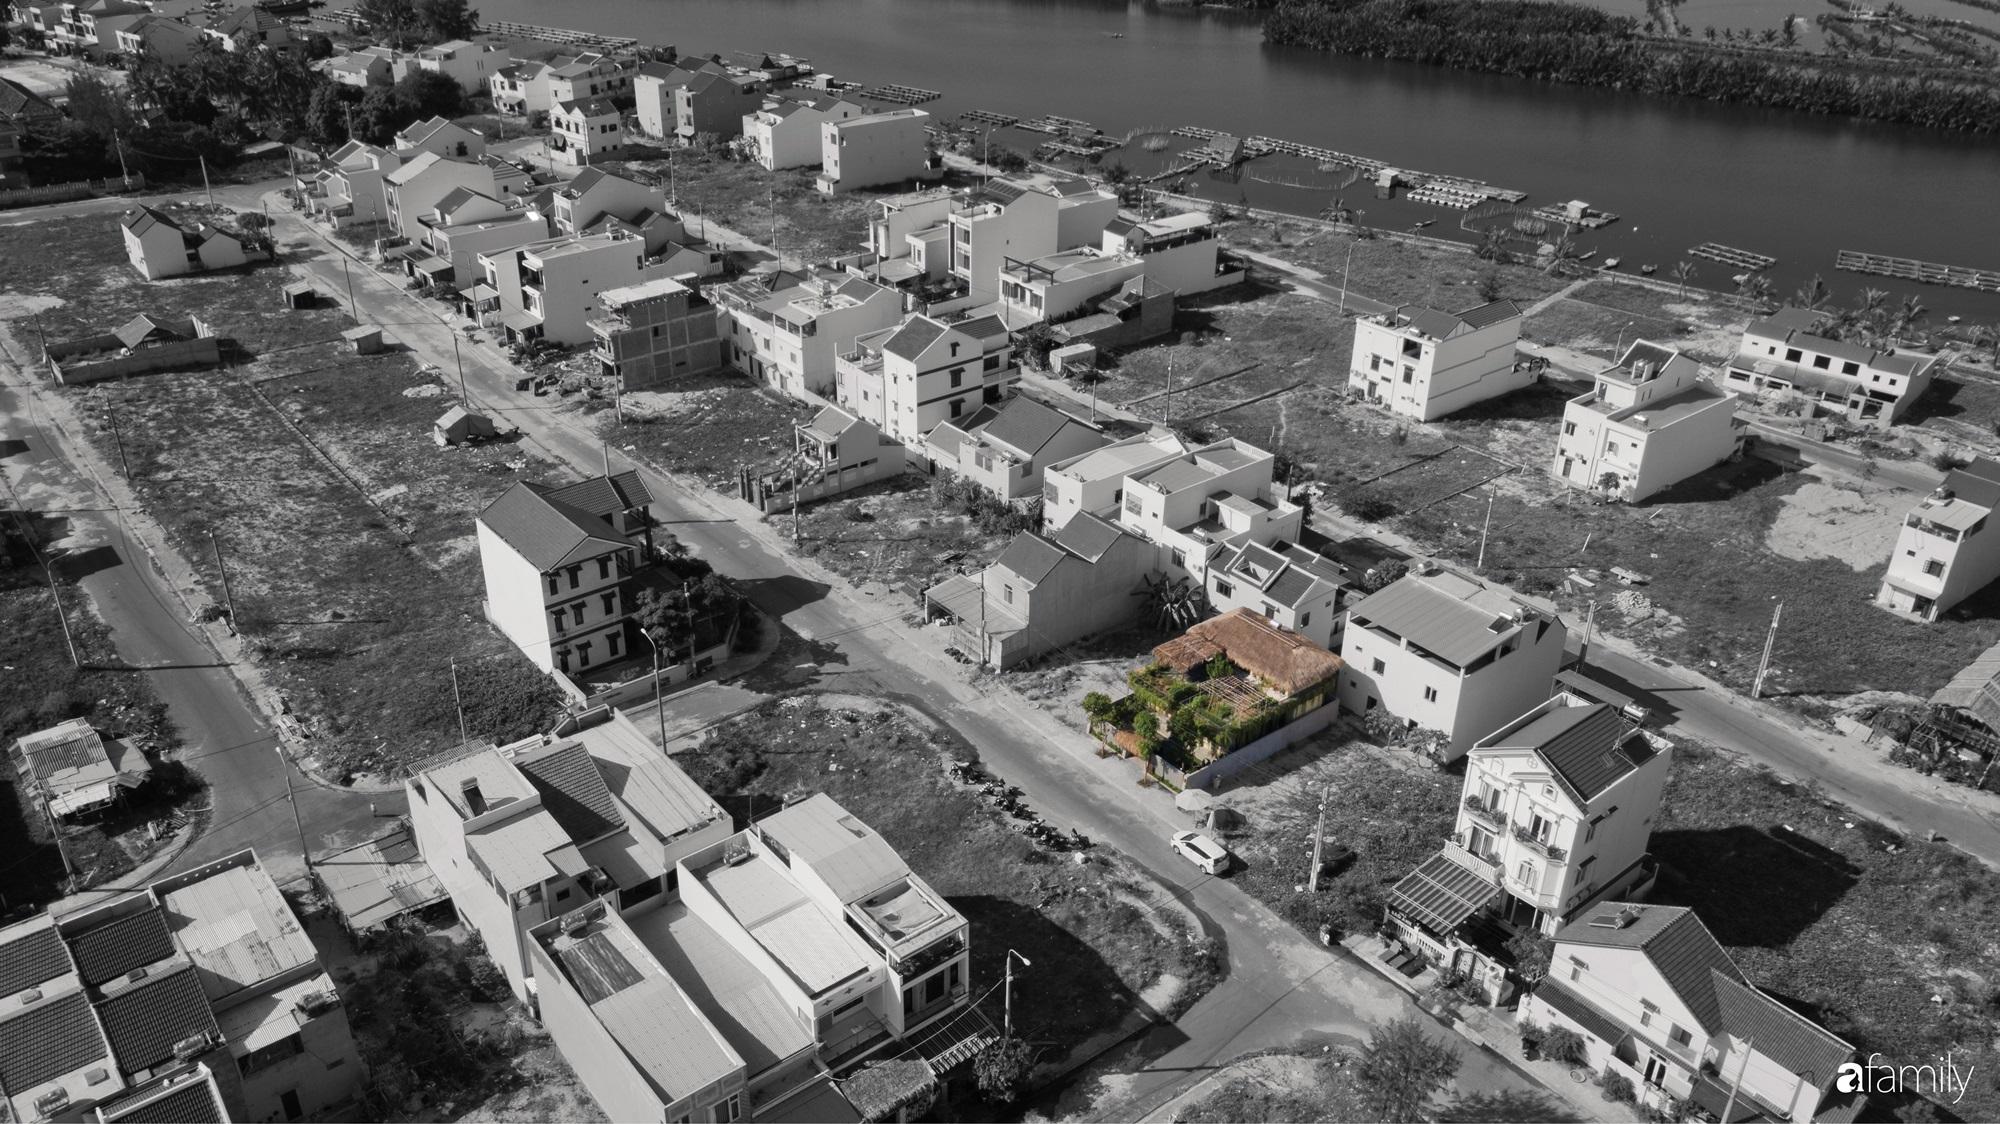 Nhà vườn mái tranh rộng 200m² với đủ tiện nghi hiện đại nổi bật giữa phố thị Hội An có chi phí xây dựng 2,1 tỷ đồng - Ảnh 4.